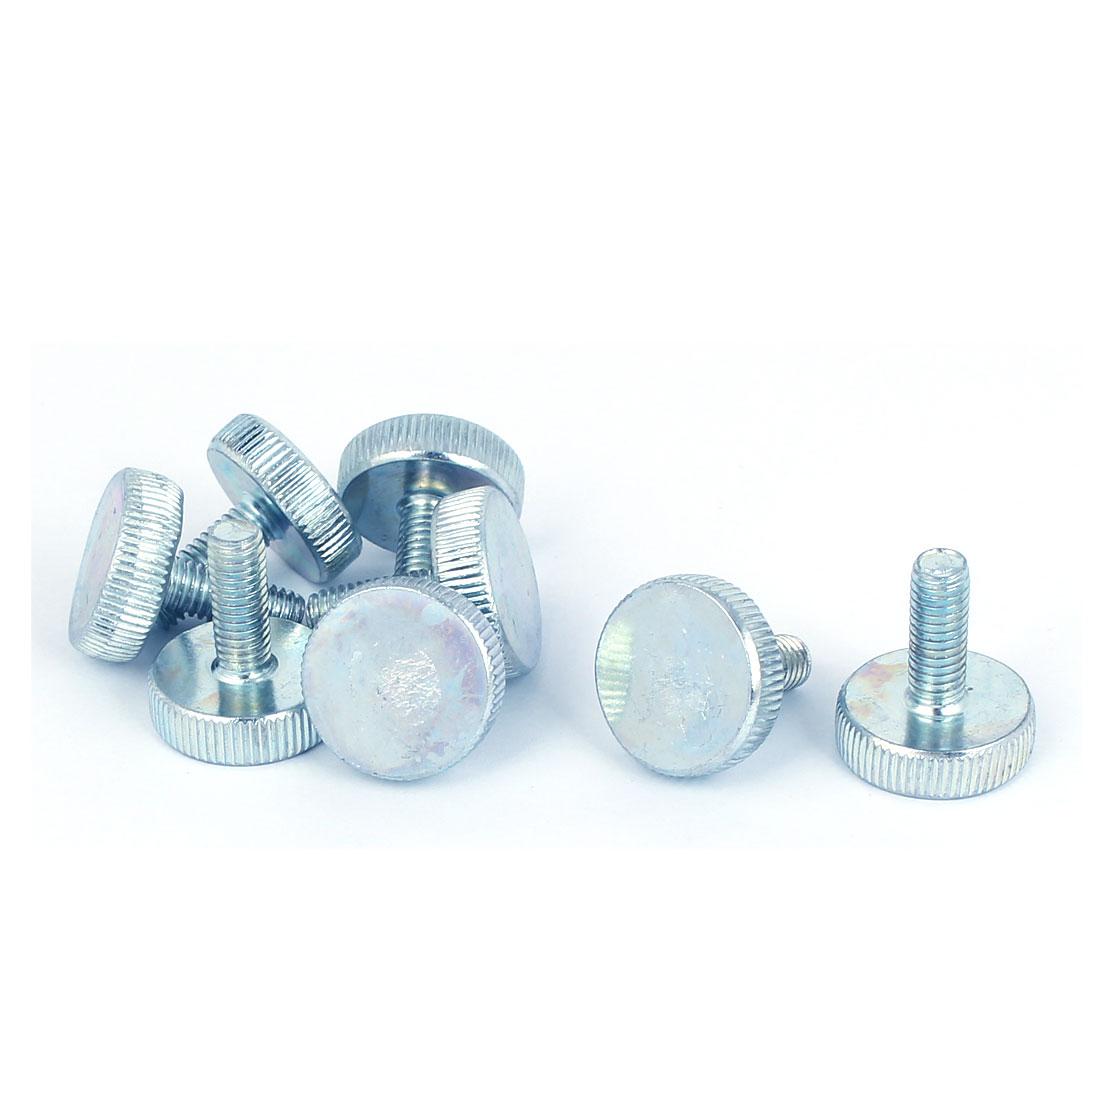 M6x16mm Thread Carbon Steel Knurled Round Head Thumb Screws Silver Blue 8pcs